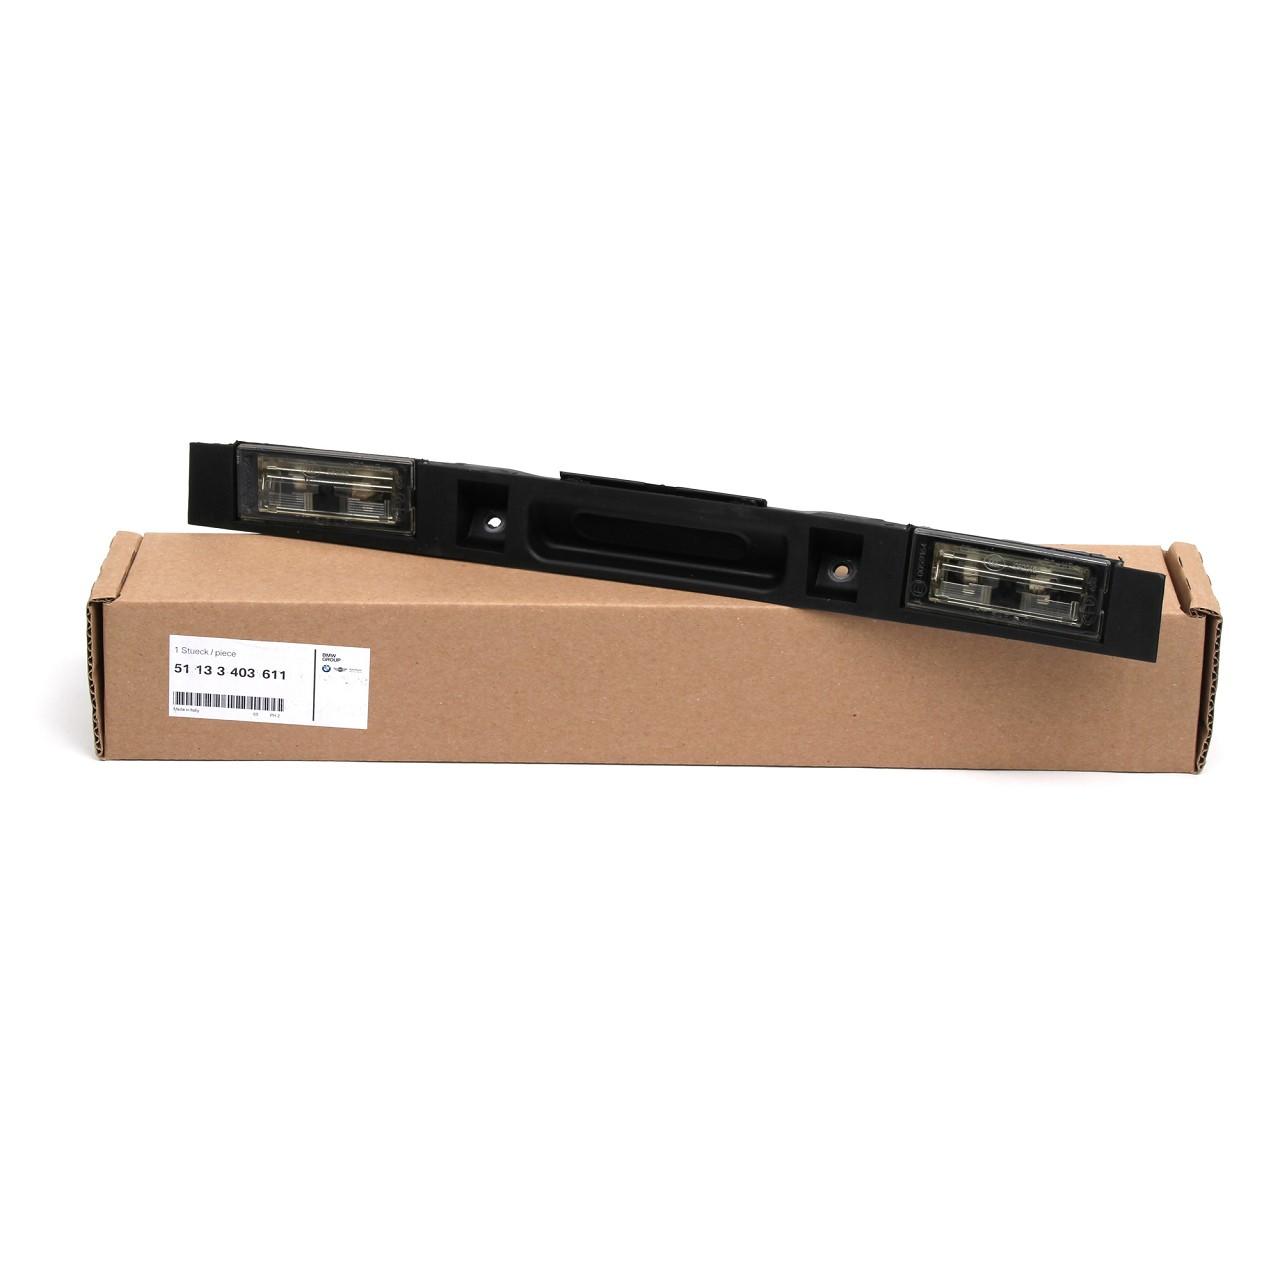 ORIGINAL BMW Heckklappengriff Griffleiste Taster 51133403611 für X3 E83